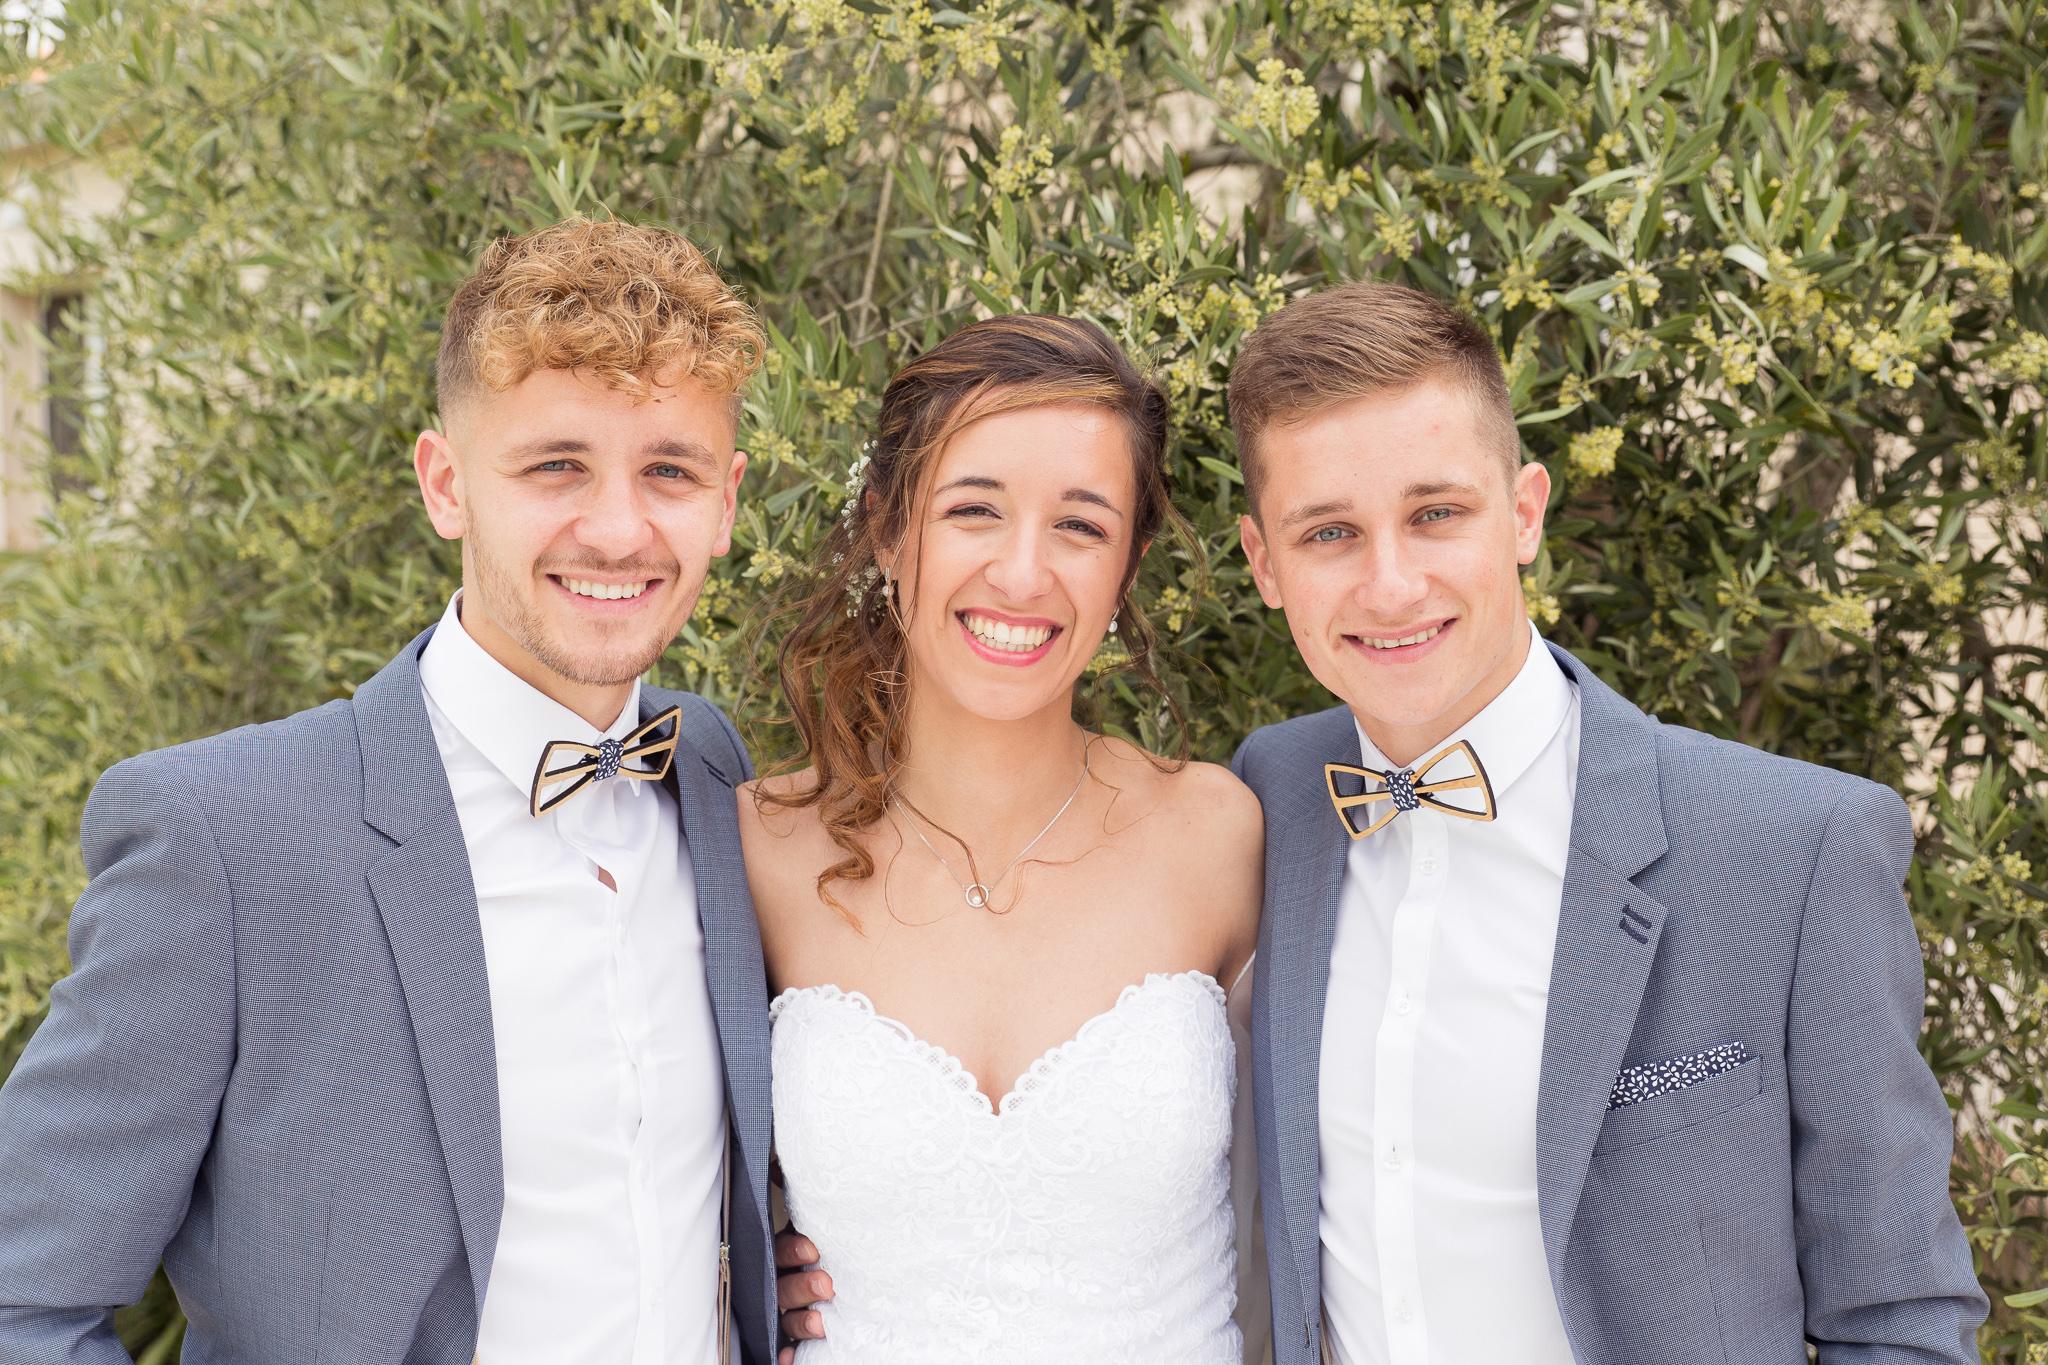 mariage wedding nantes noeud papillon bois atelier dernest 8